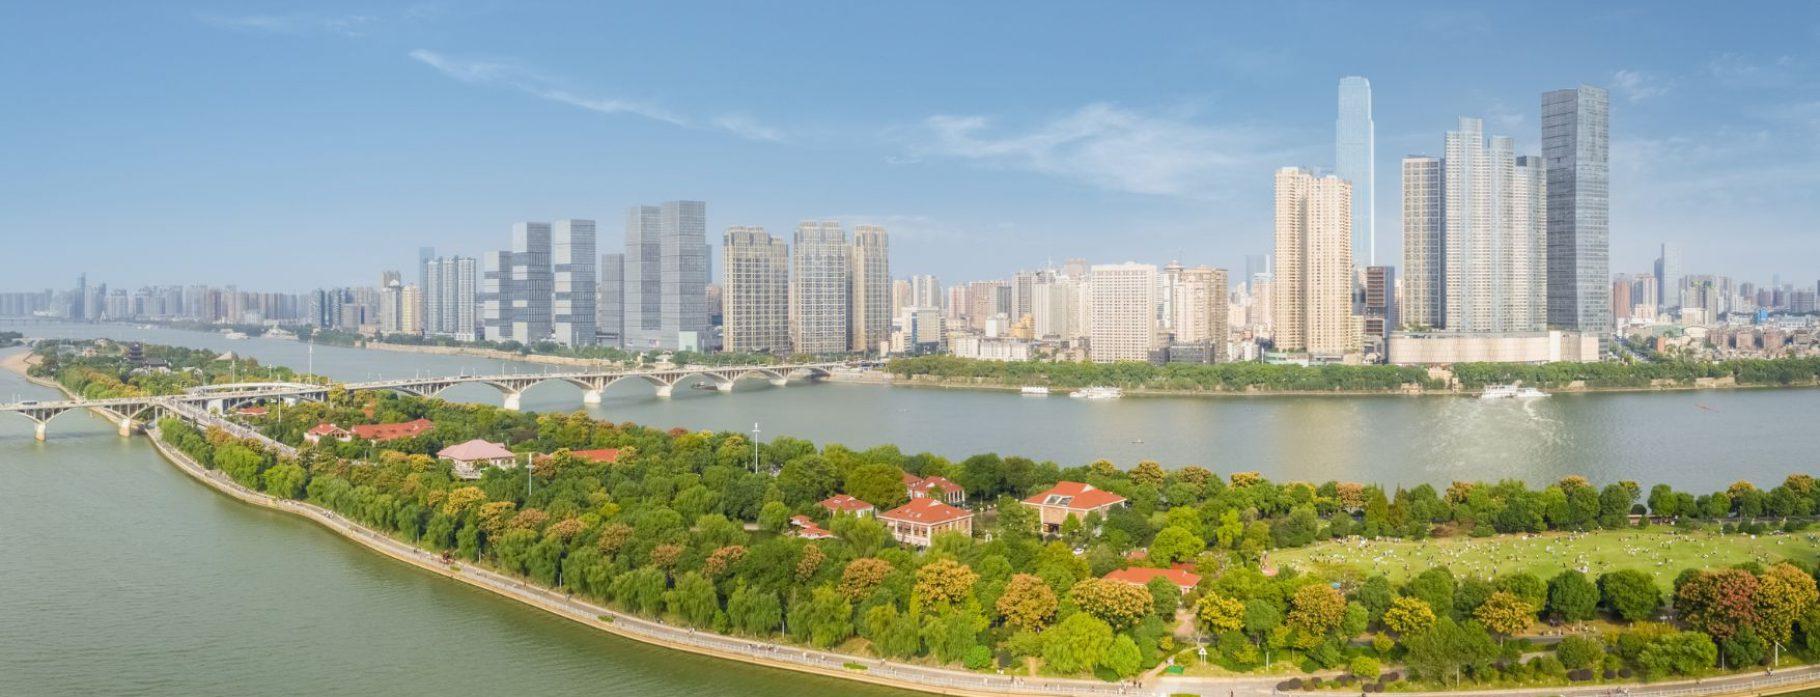 Shanghai & Surrounding